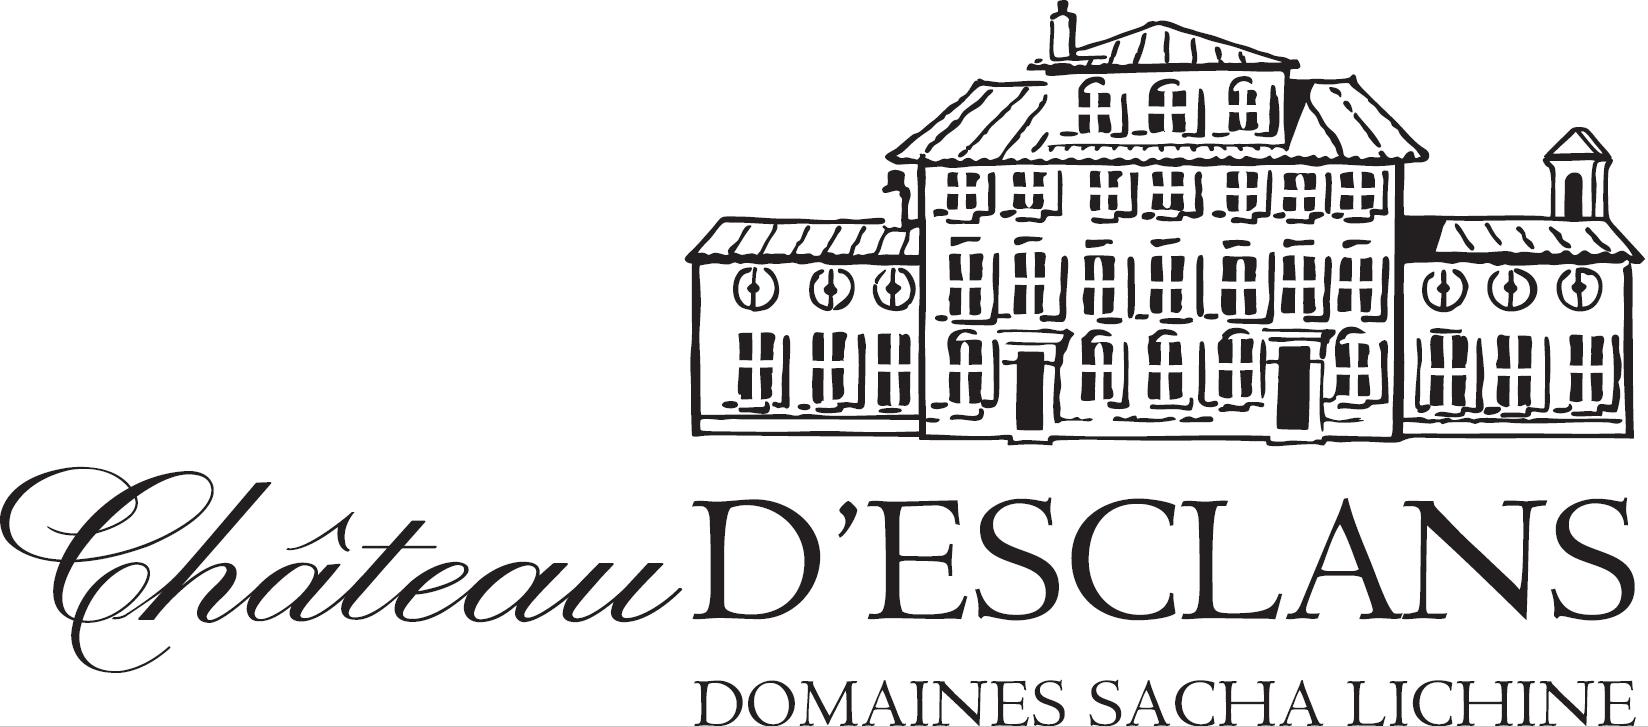 Chateau-dEsclans.png